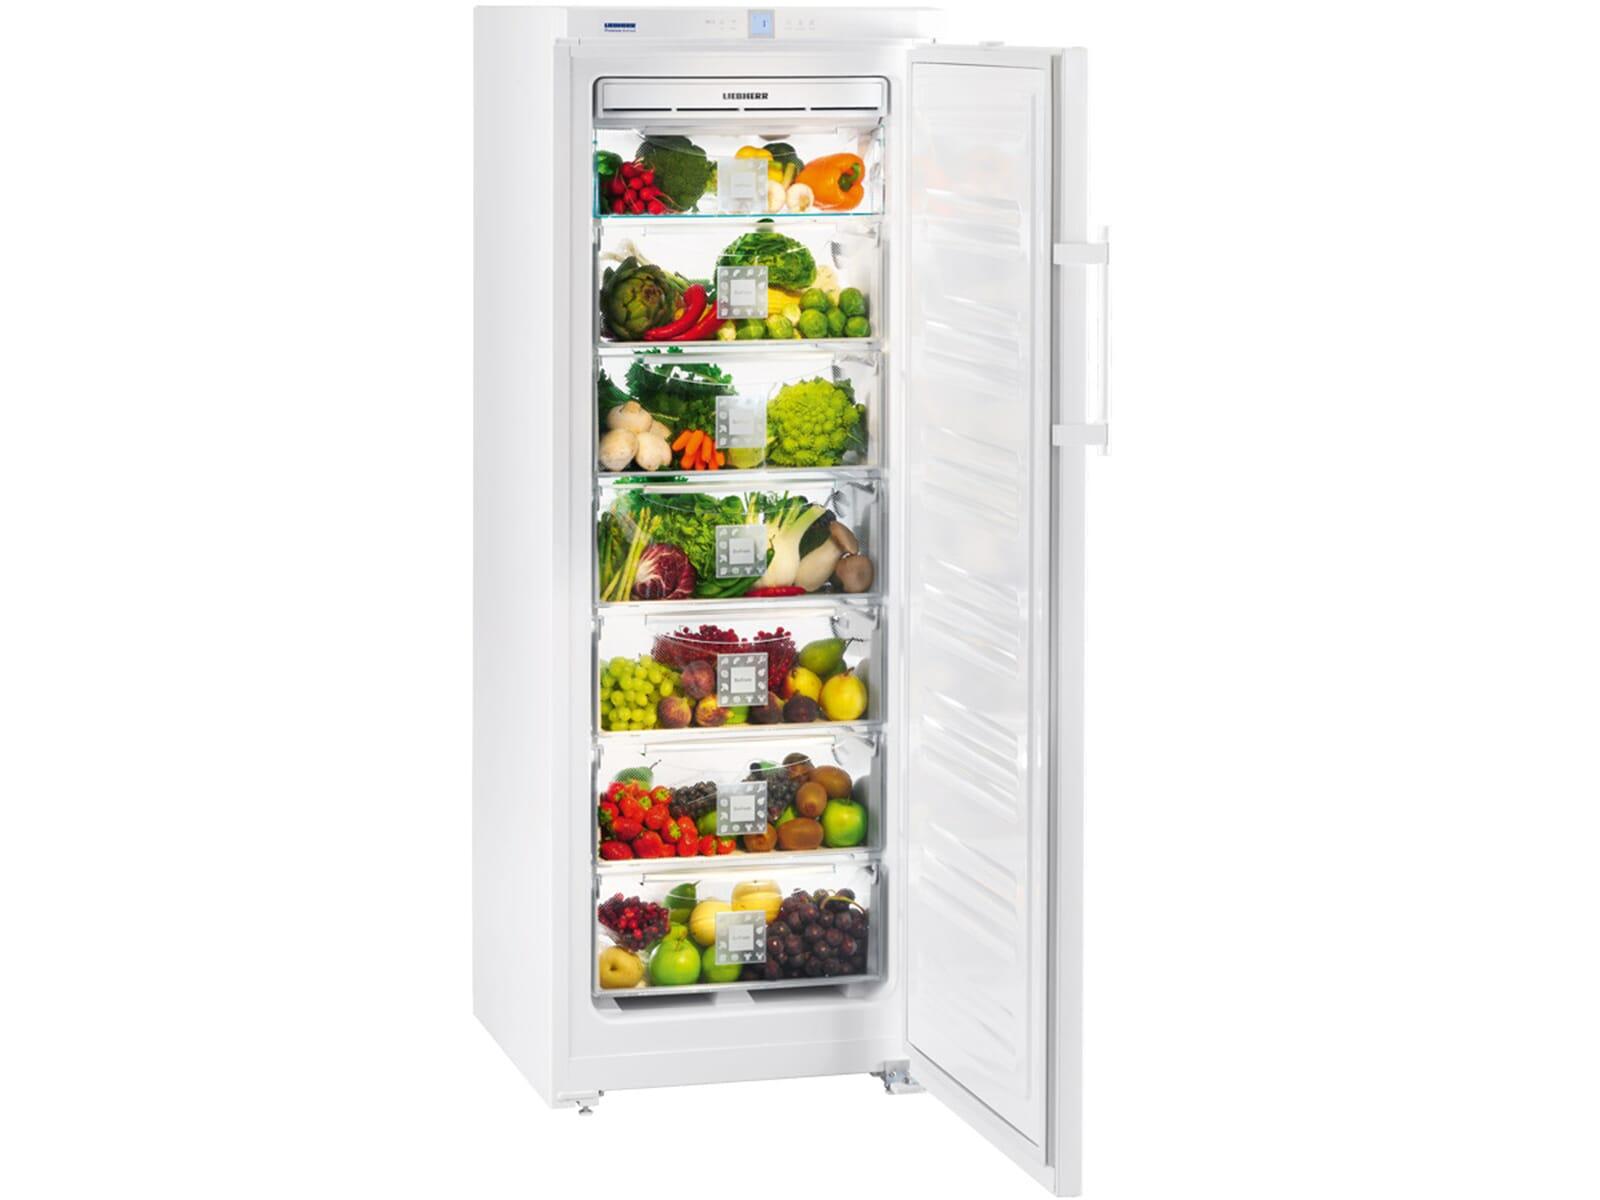 Liebherr b2756 biofresh stand kühlschrank weiß eek a